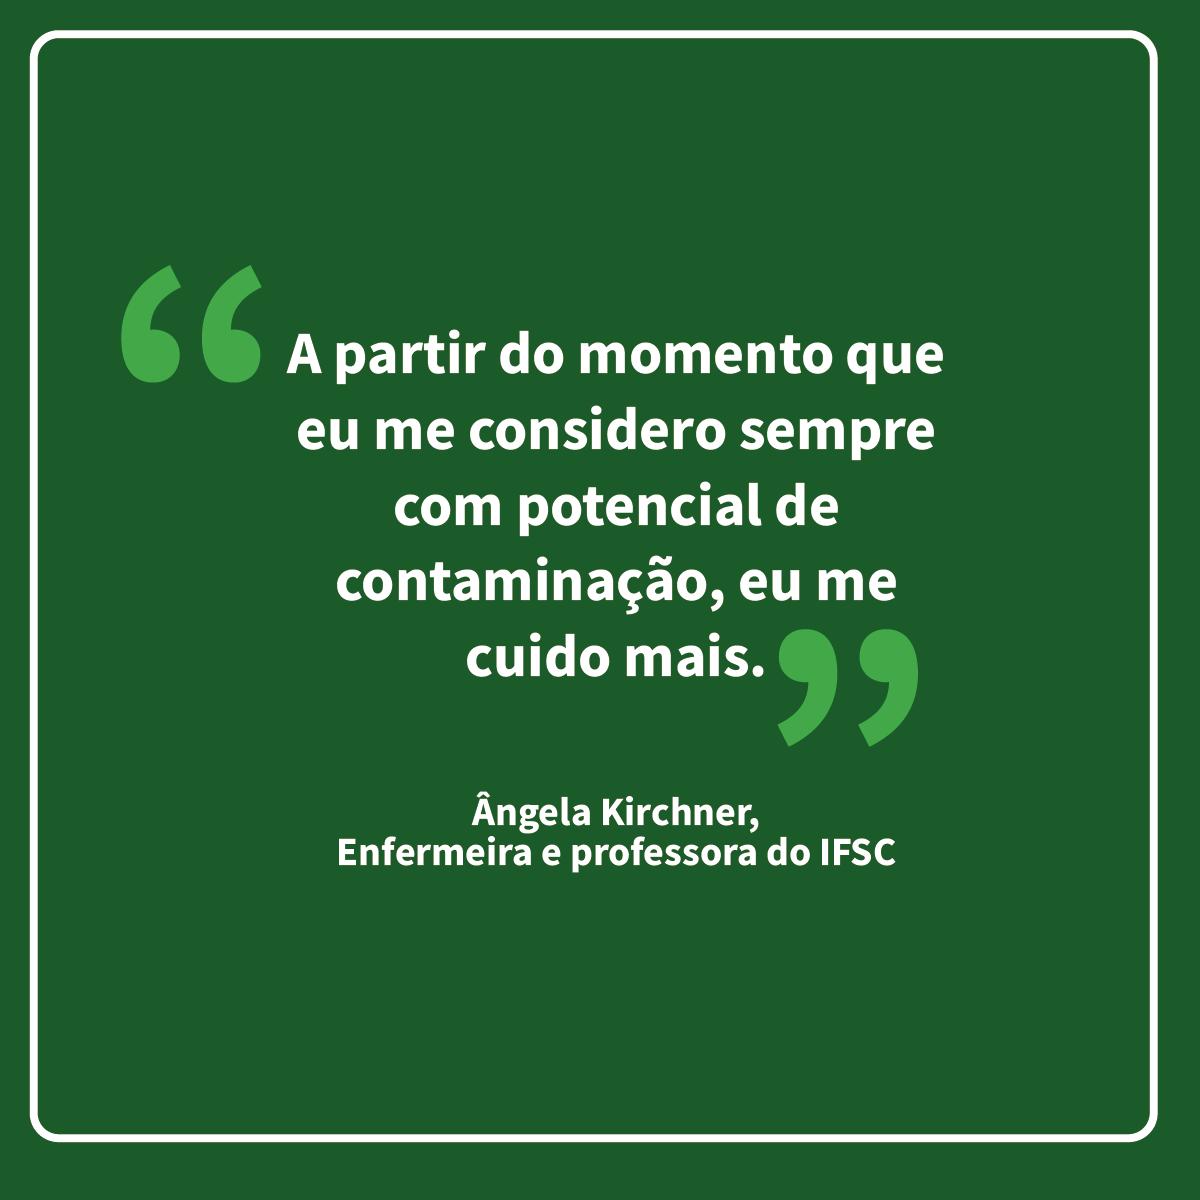 """Frase da professora do IFSC, Ângela: """"A partir do momento que eu me considero sempre com potencial de contaminação, eu me cuido mais""""."""